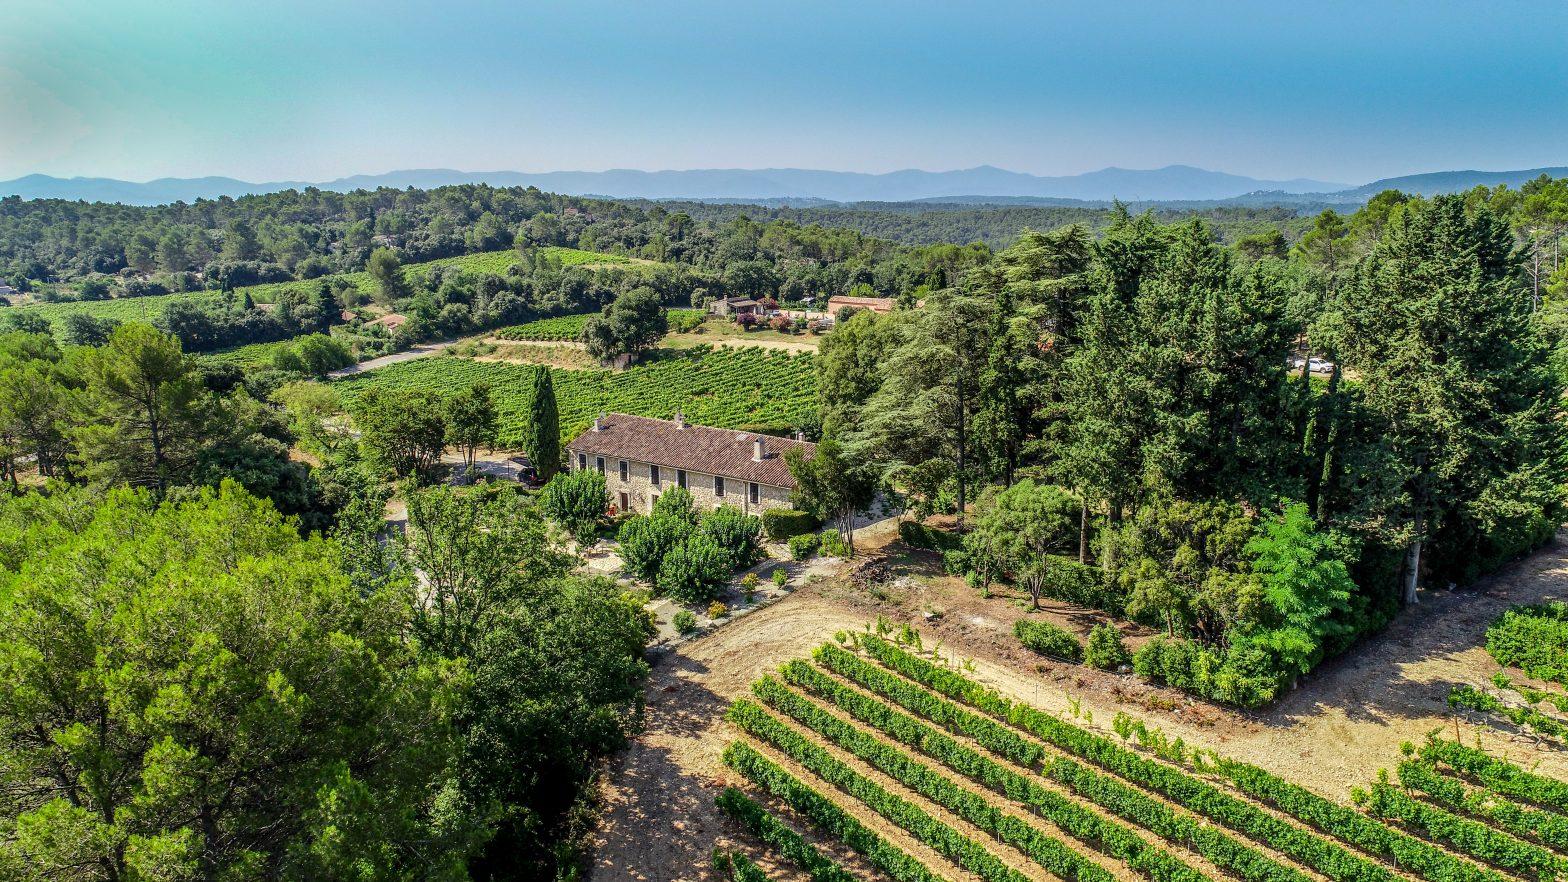 Propriété viticole à vendre de 20 HA - Provence - 603P - fr